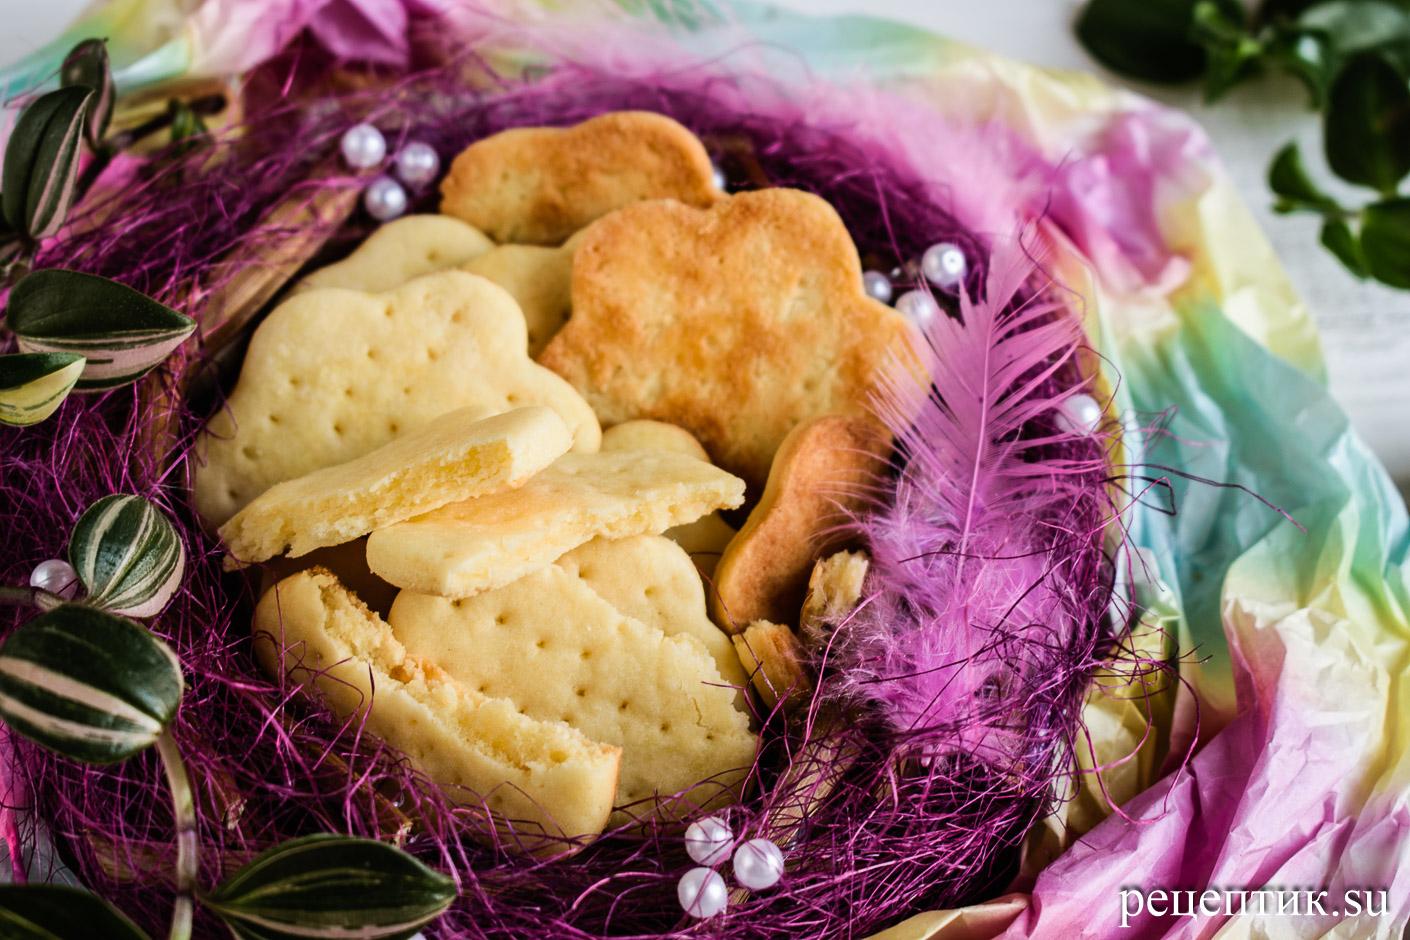 Песочное печенье к чаю — самое простое и самое вкусное - рецепт с фото